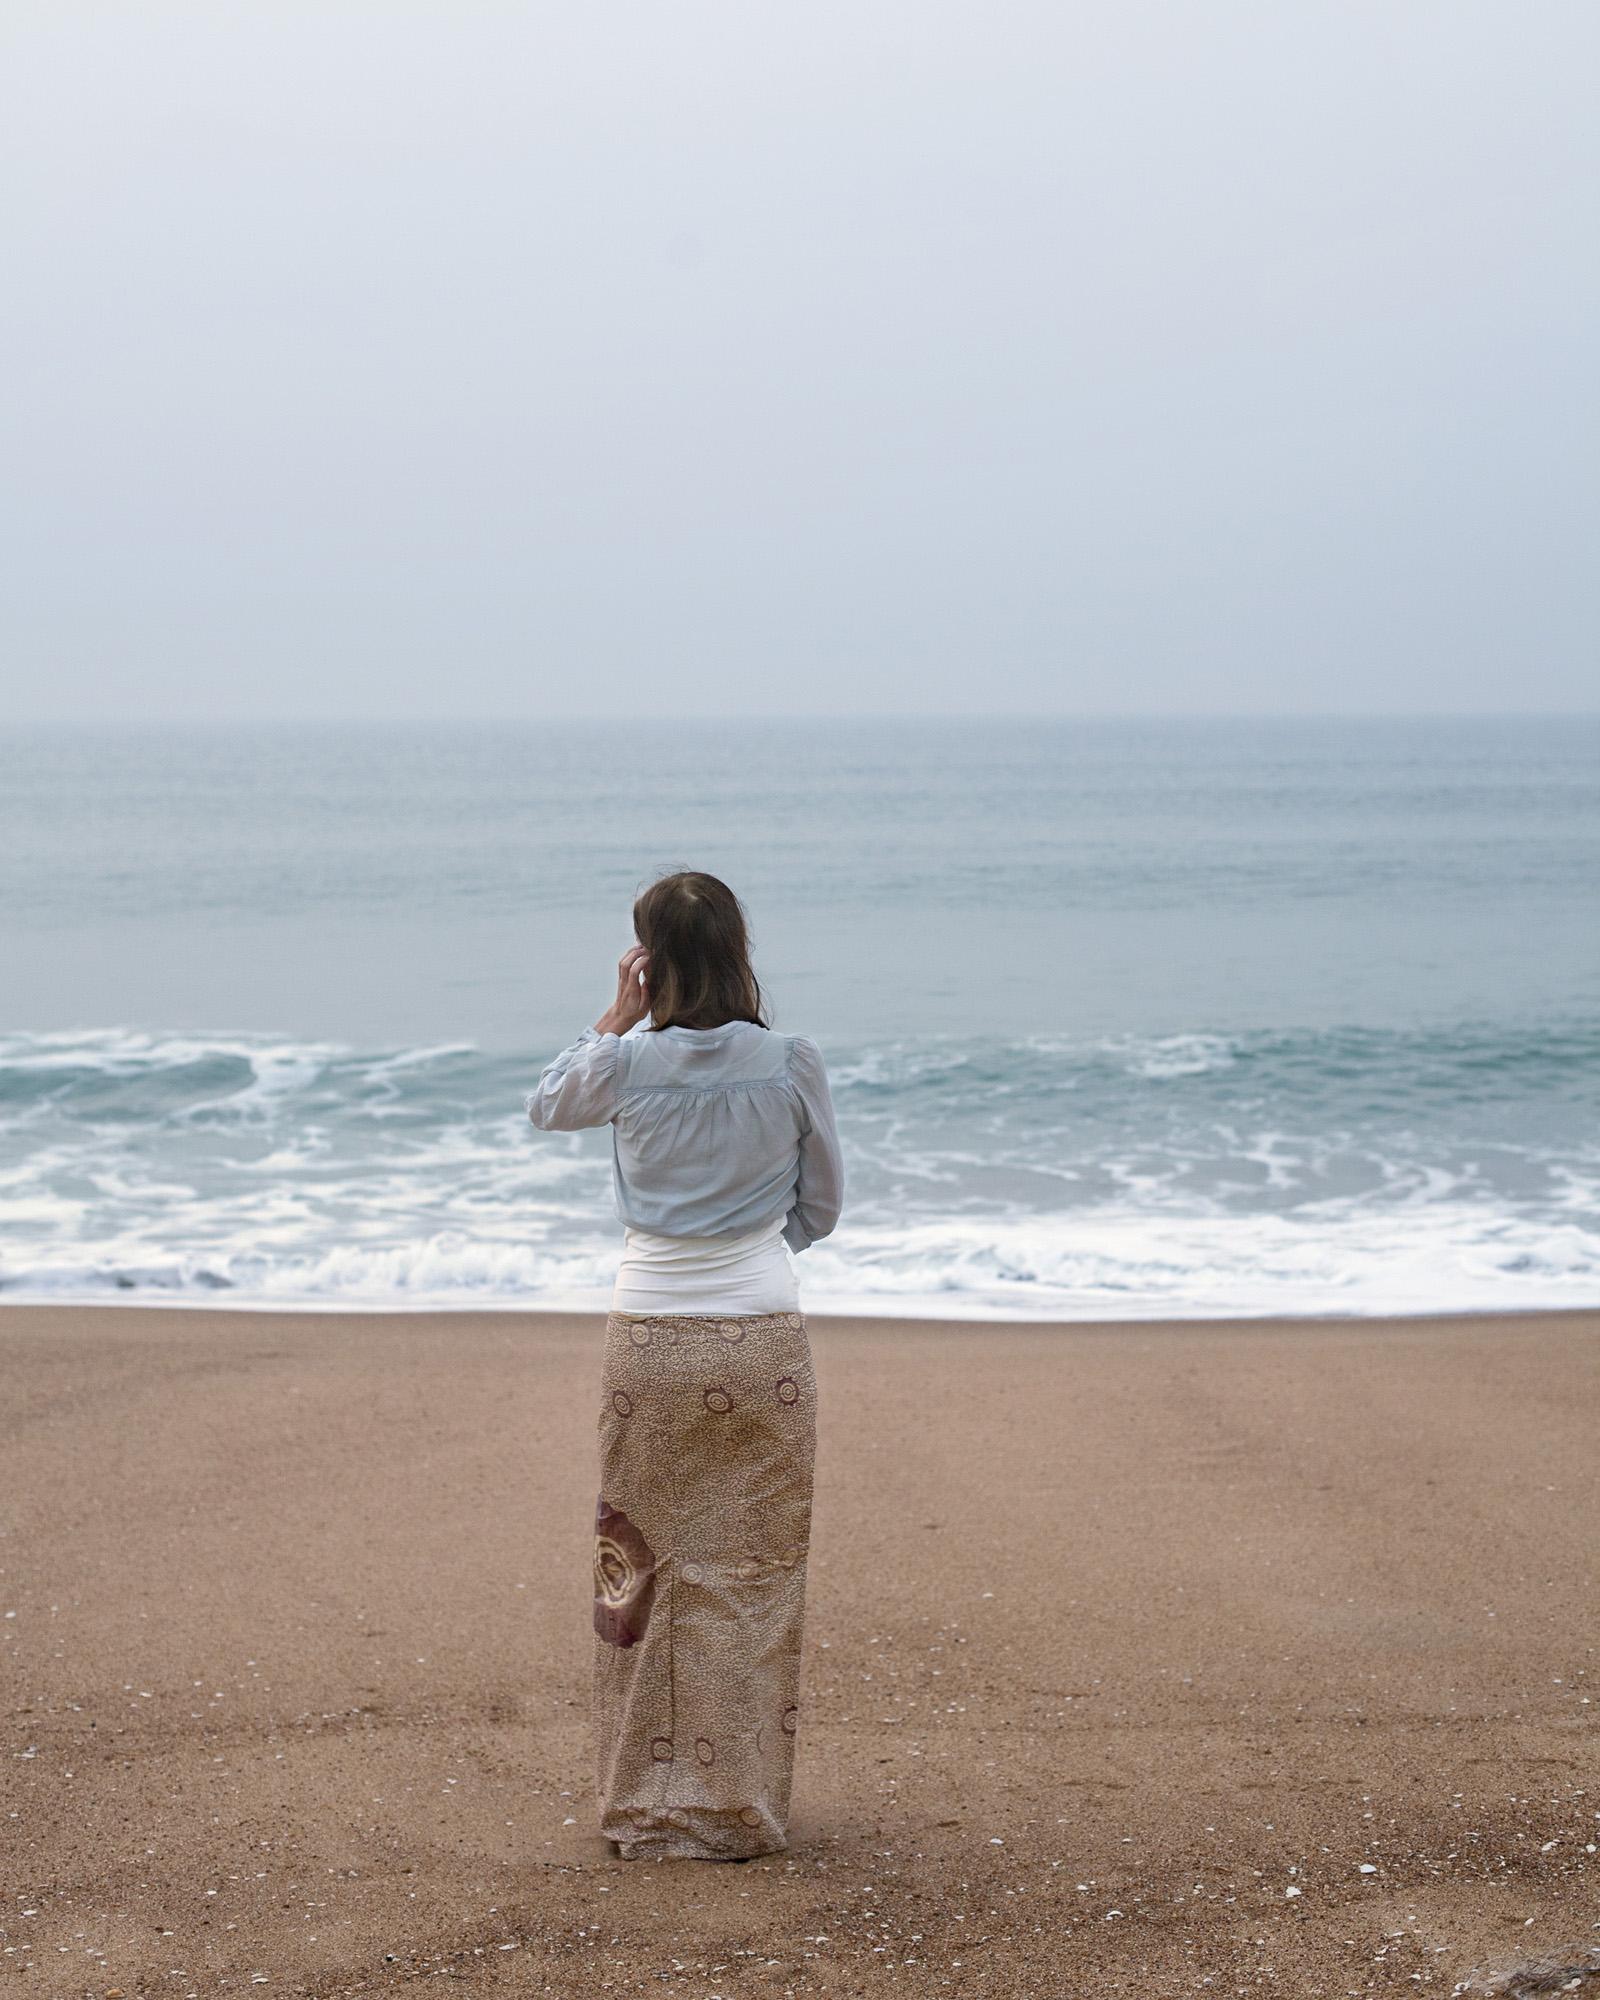 Wilma Hurskainen:  Waves , 2012